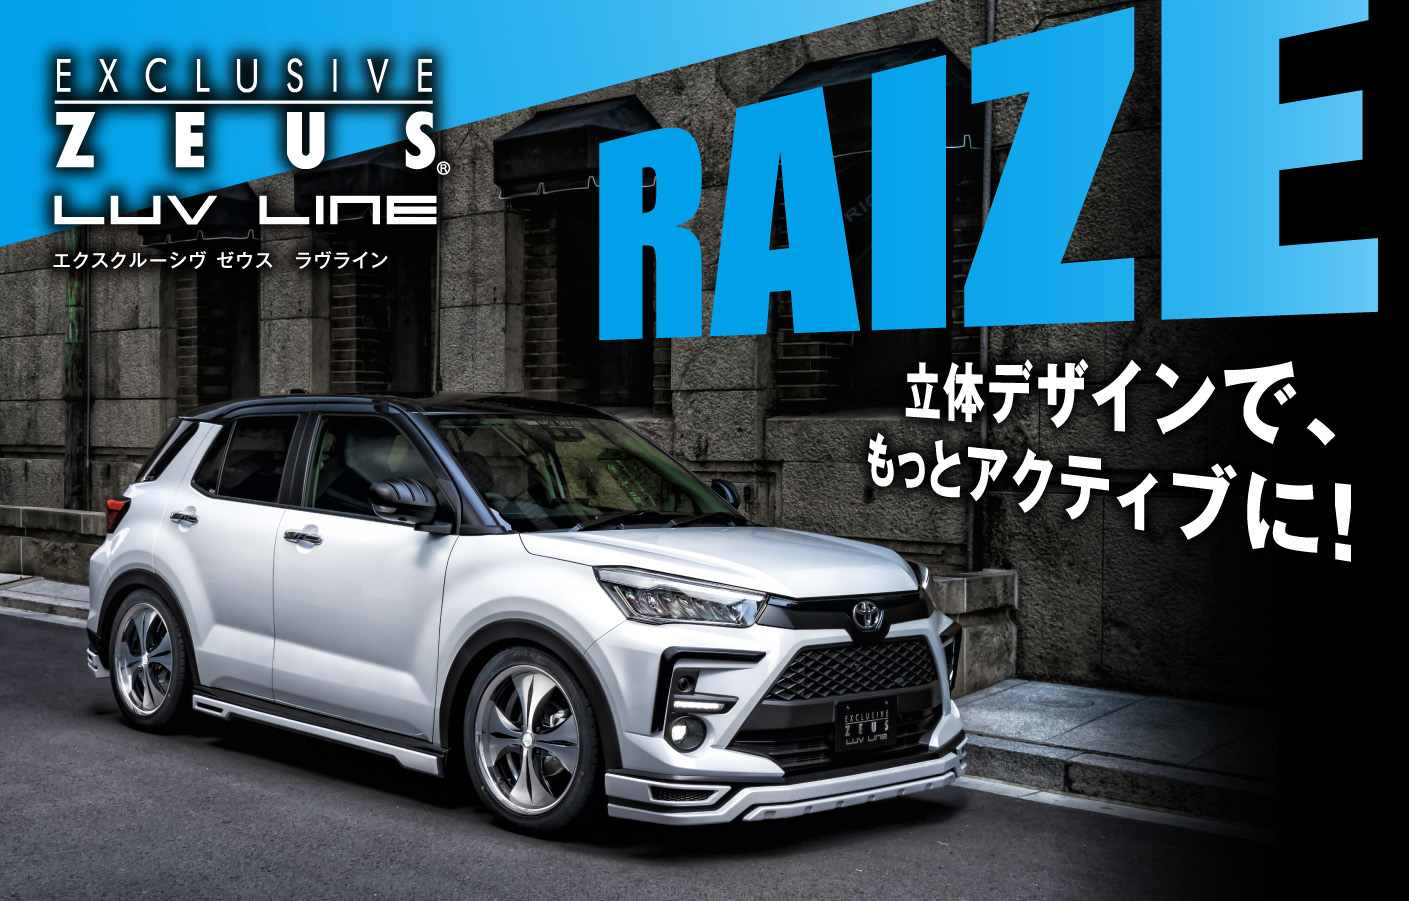 立体デザインで、もっとアクティブに! EXCLUSIVE ZEUS LUV LINE エクスクルーシヴ ゼウス ラヴライン RAIZE 2019/11-